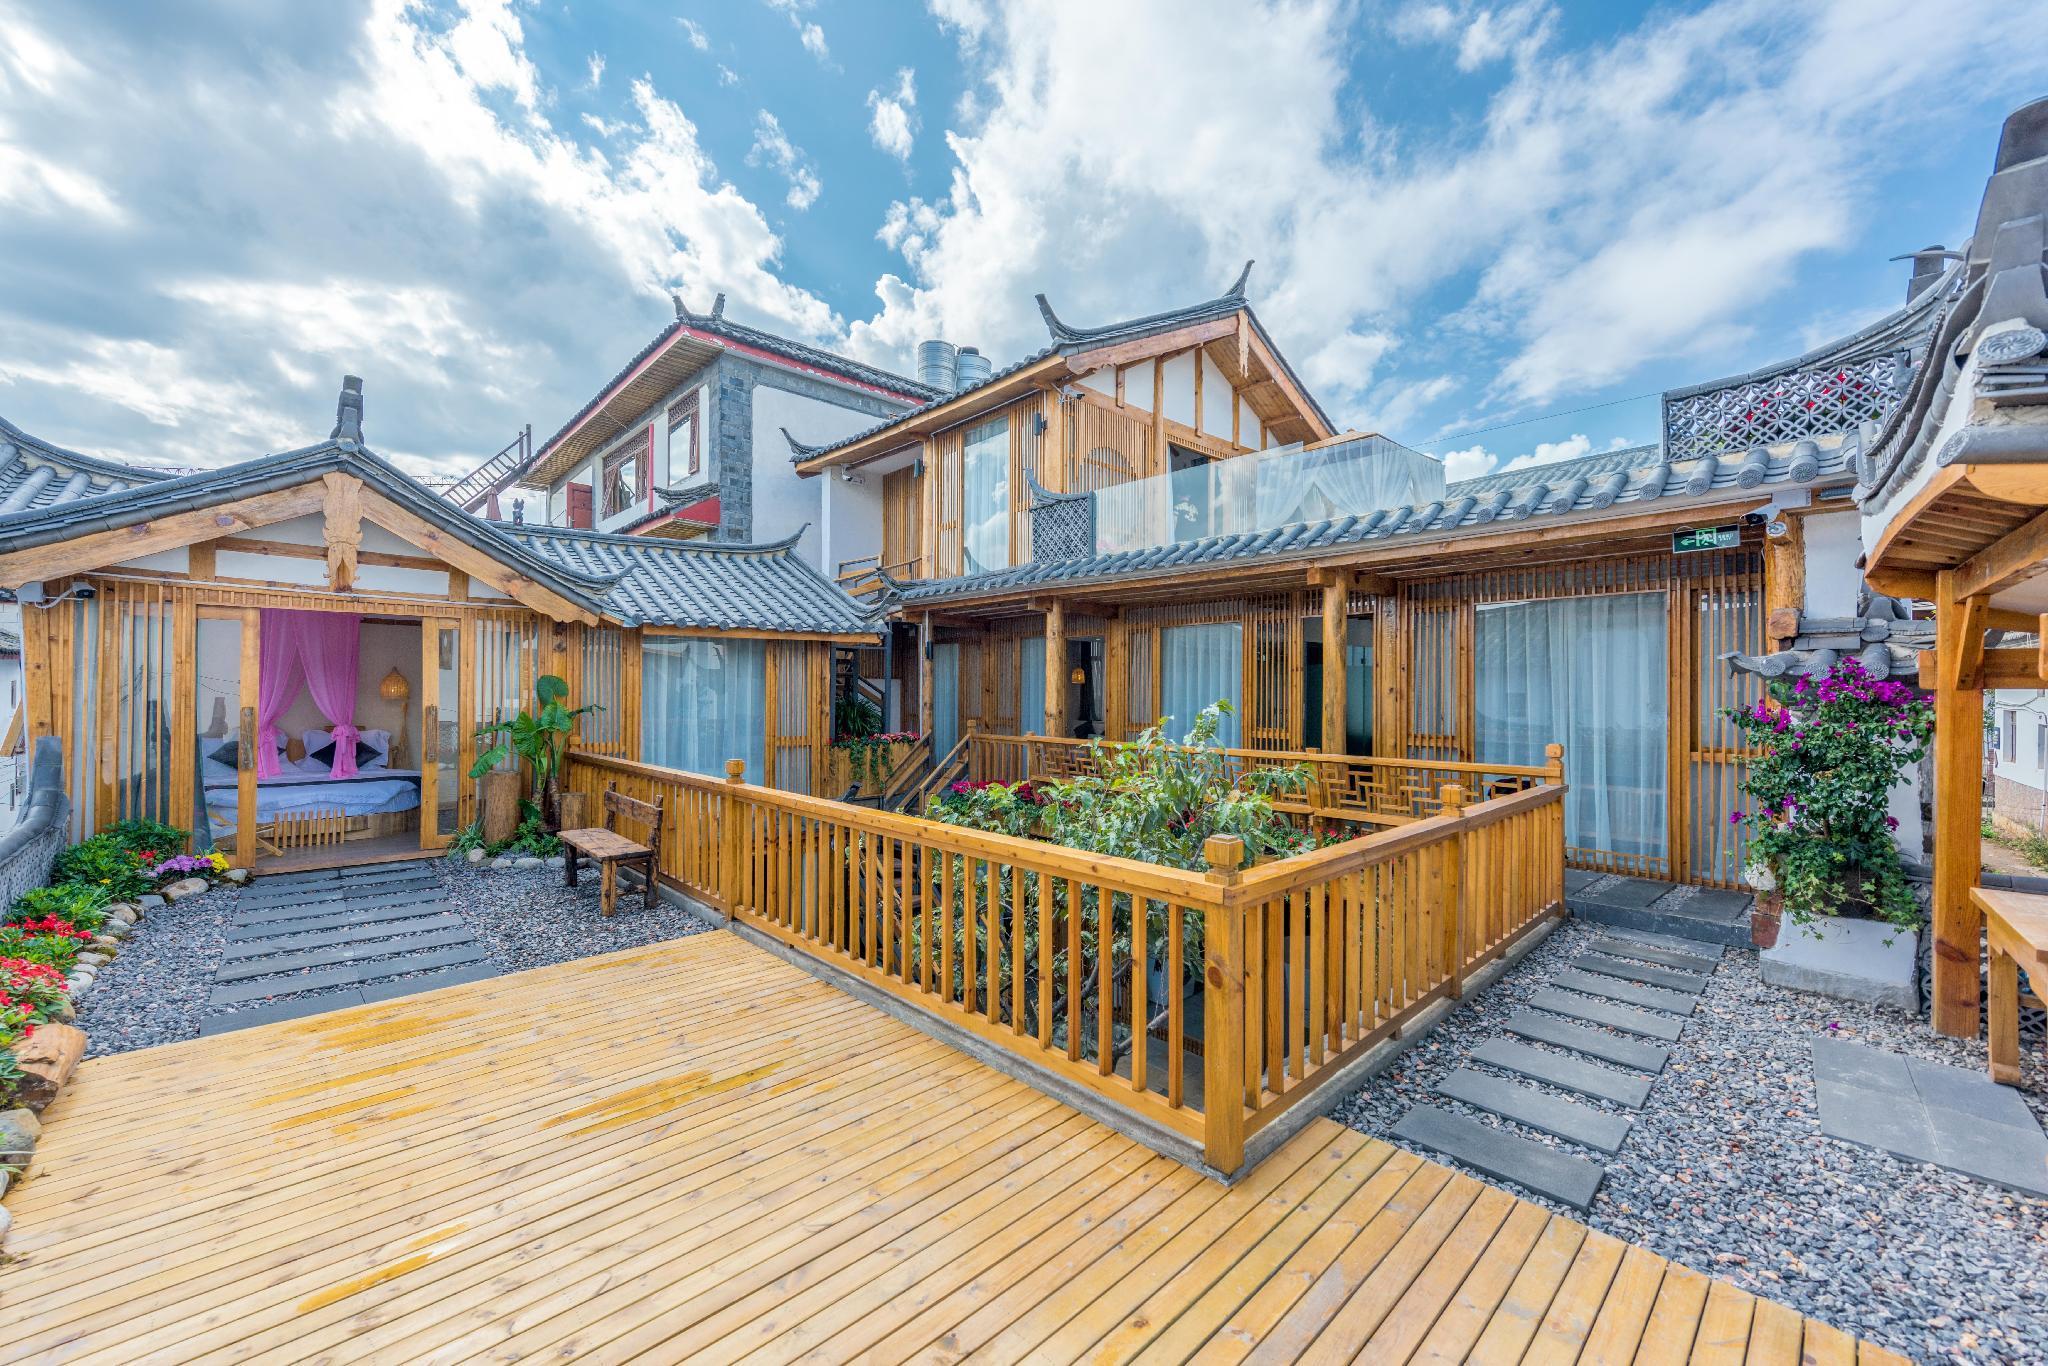 Chuyuan Holiday Courtyard Muxi Honeymoon Bed Room